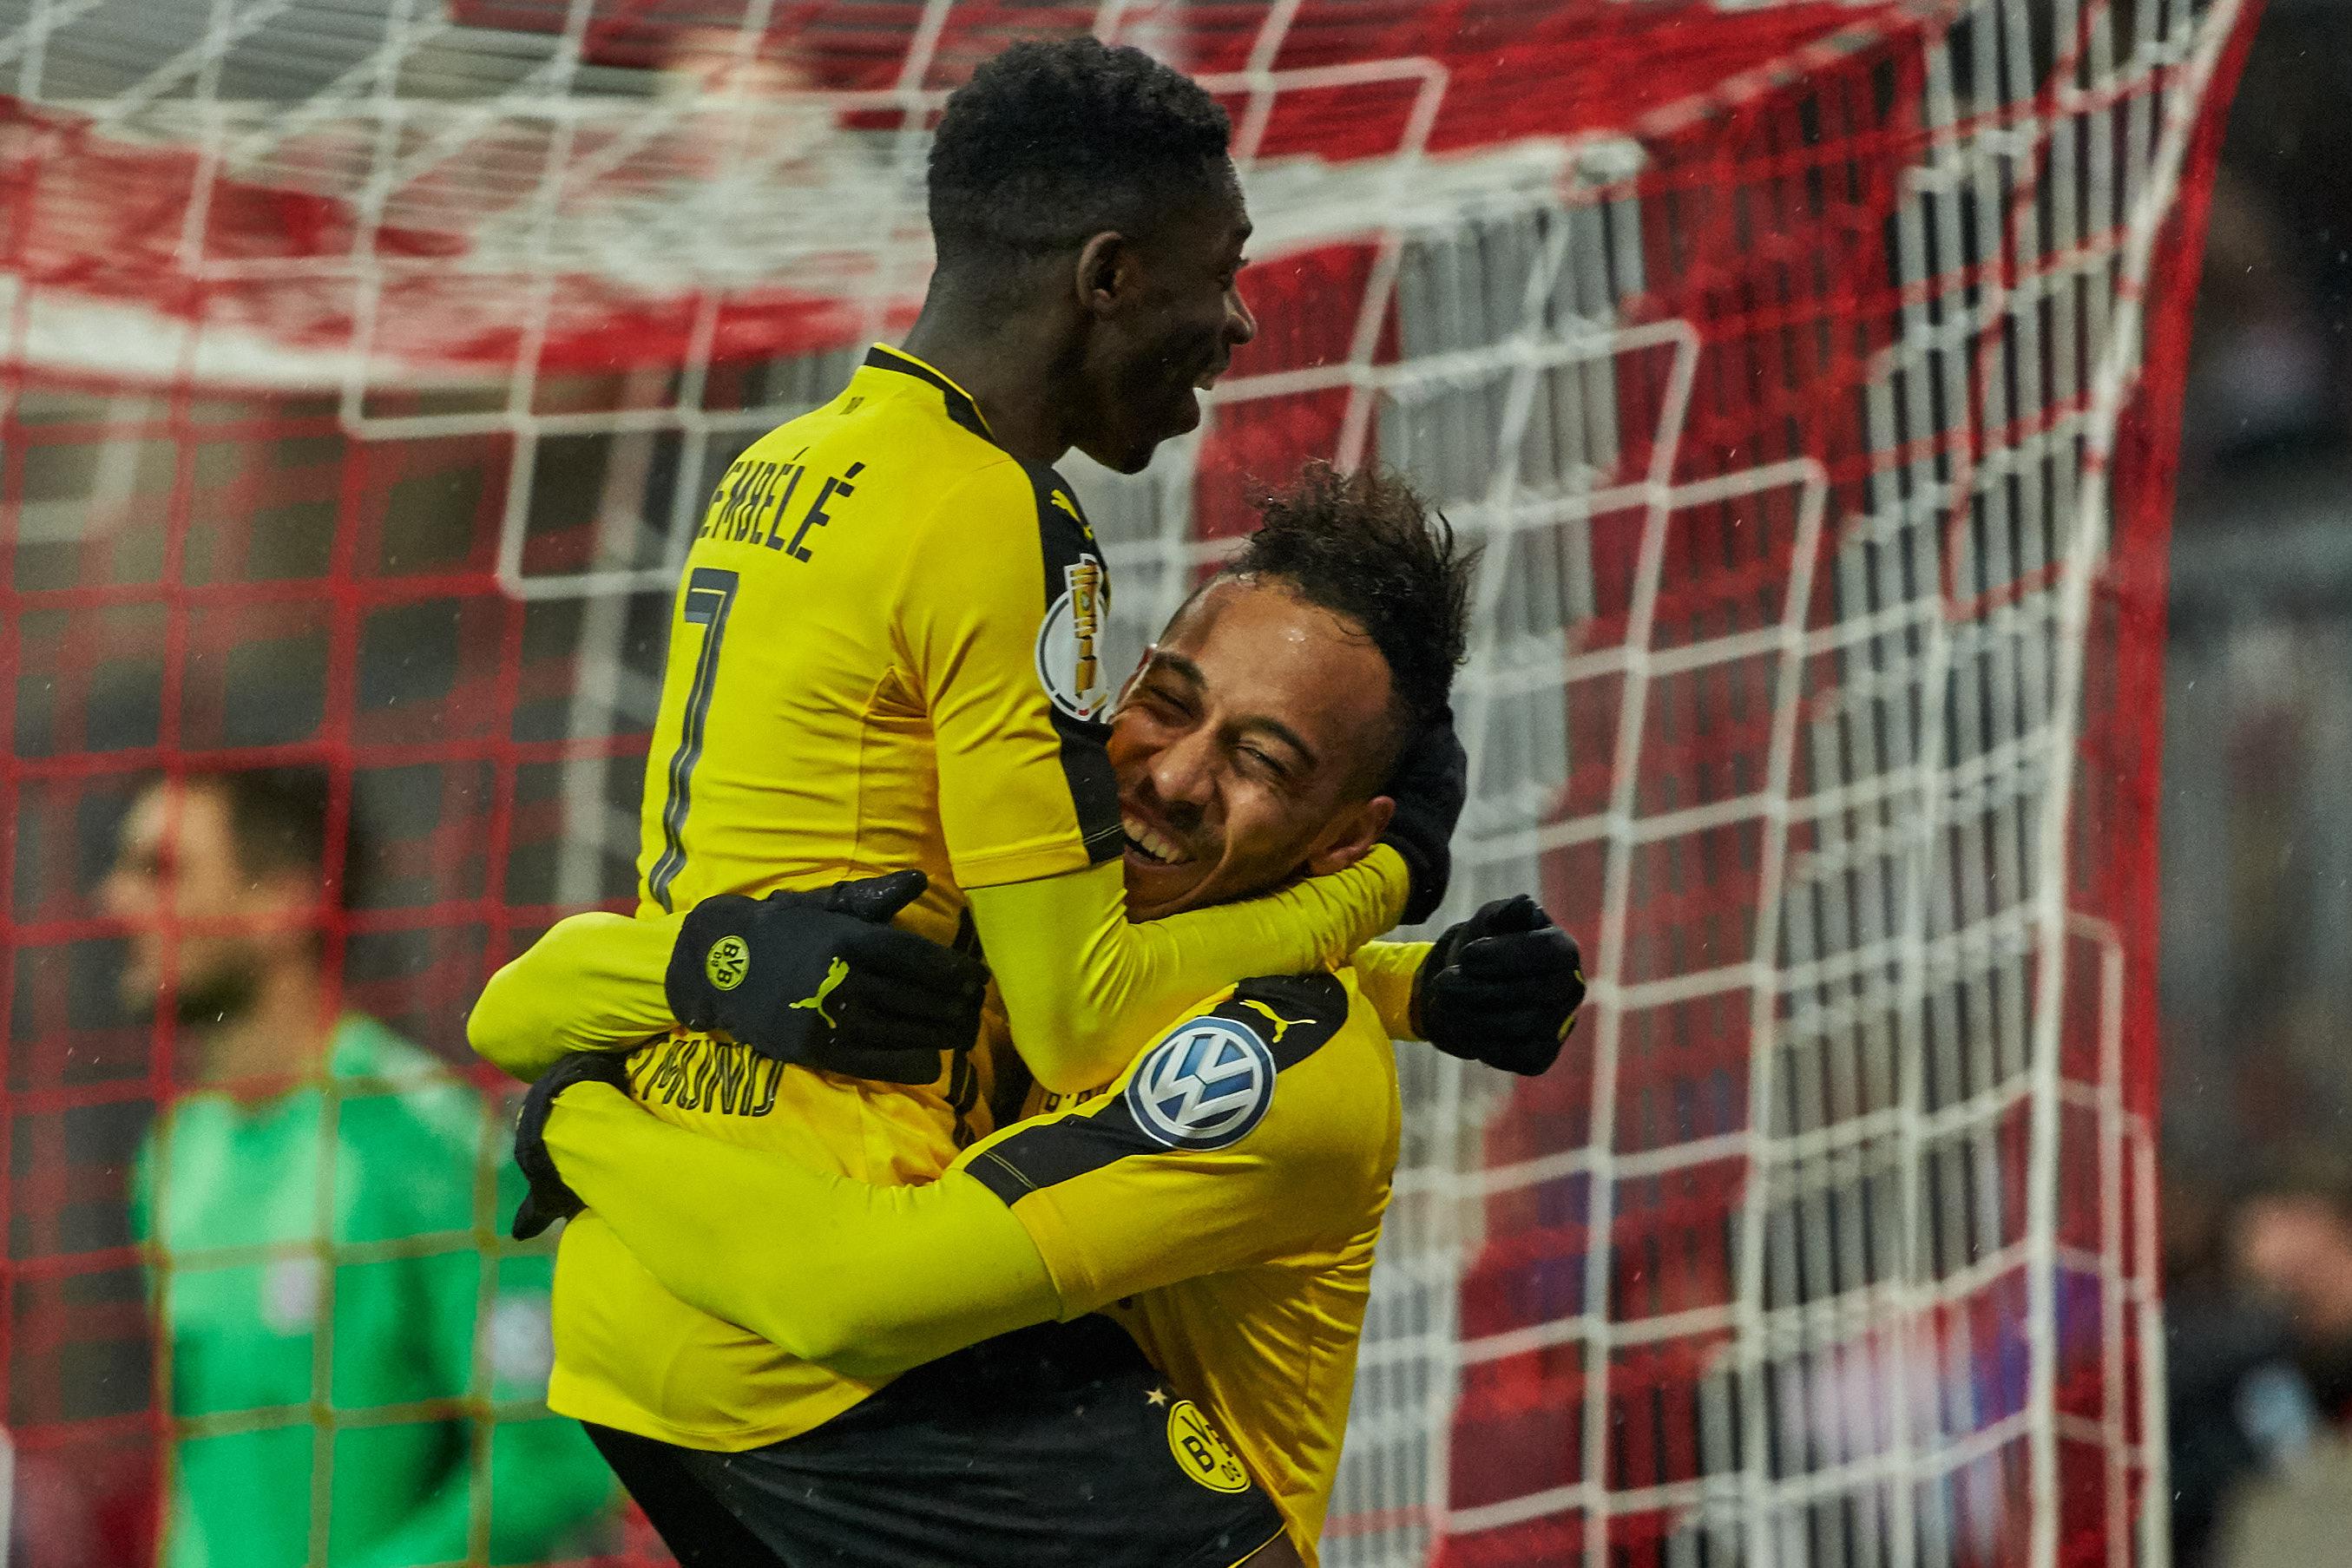 Chelsea in Pierre-Emerick Aubameyang transfer talks after Romelu Lukaku snub